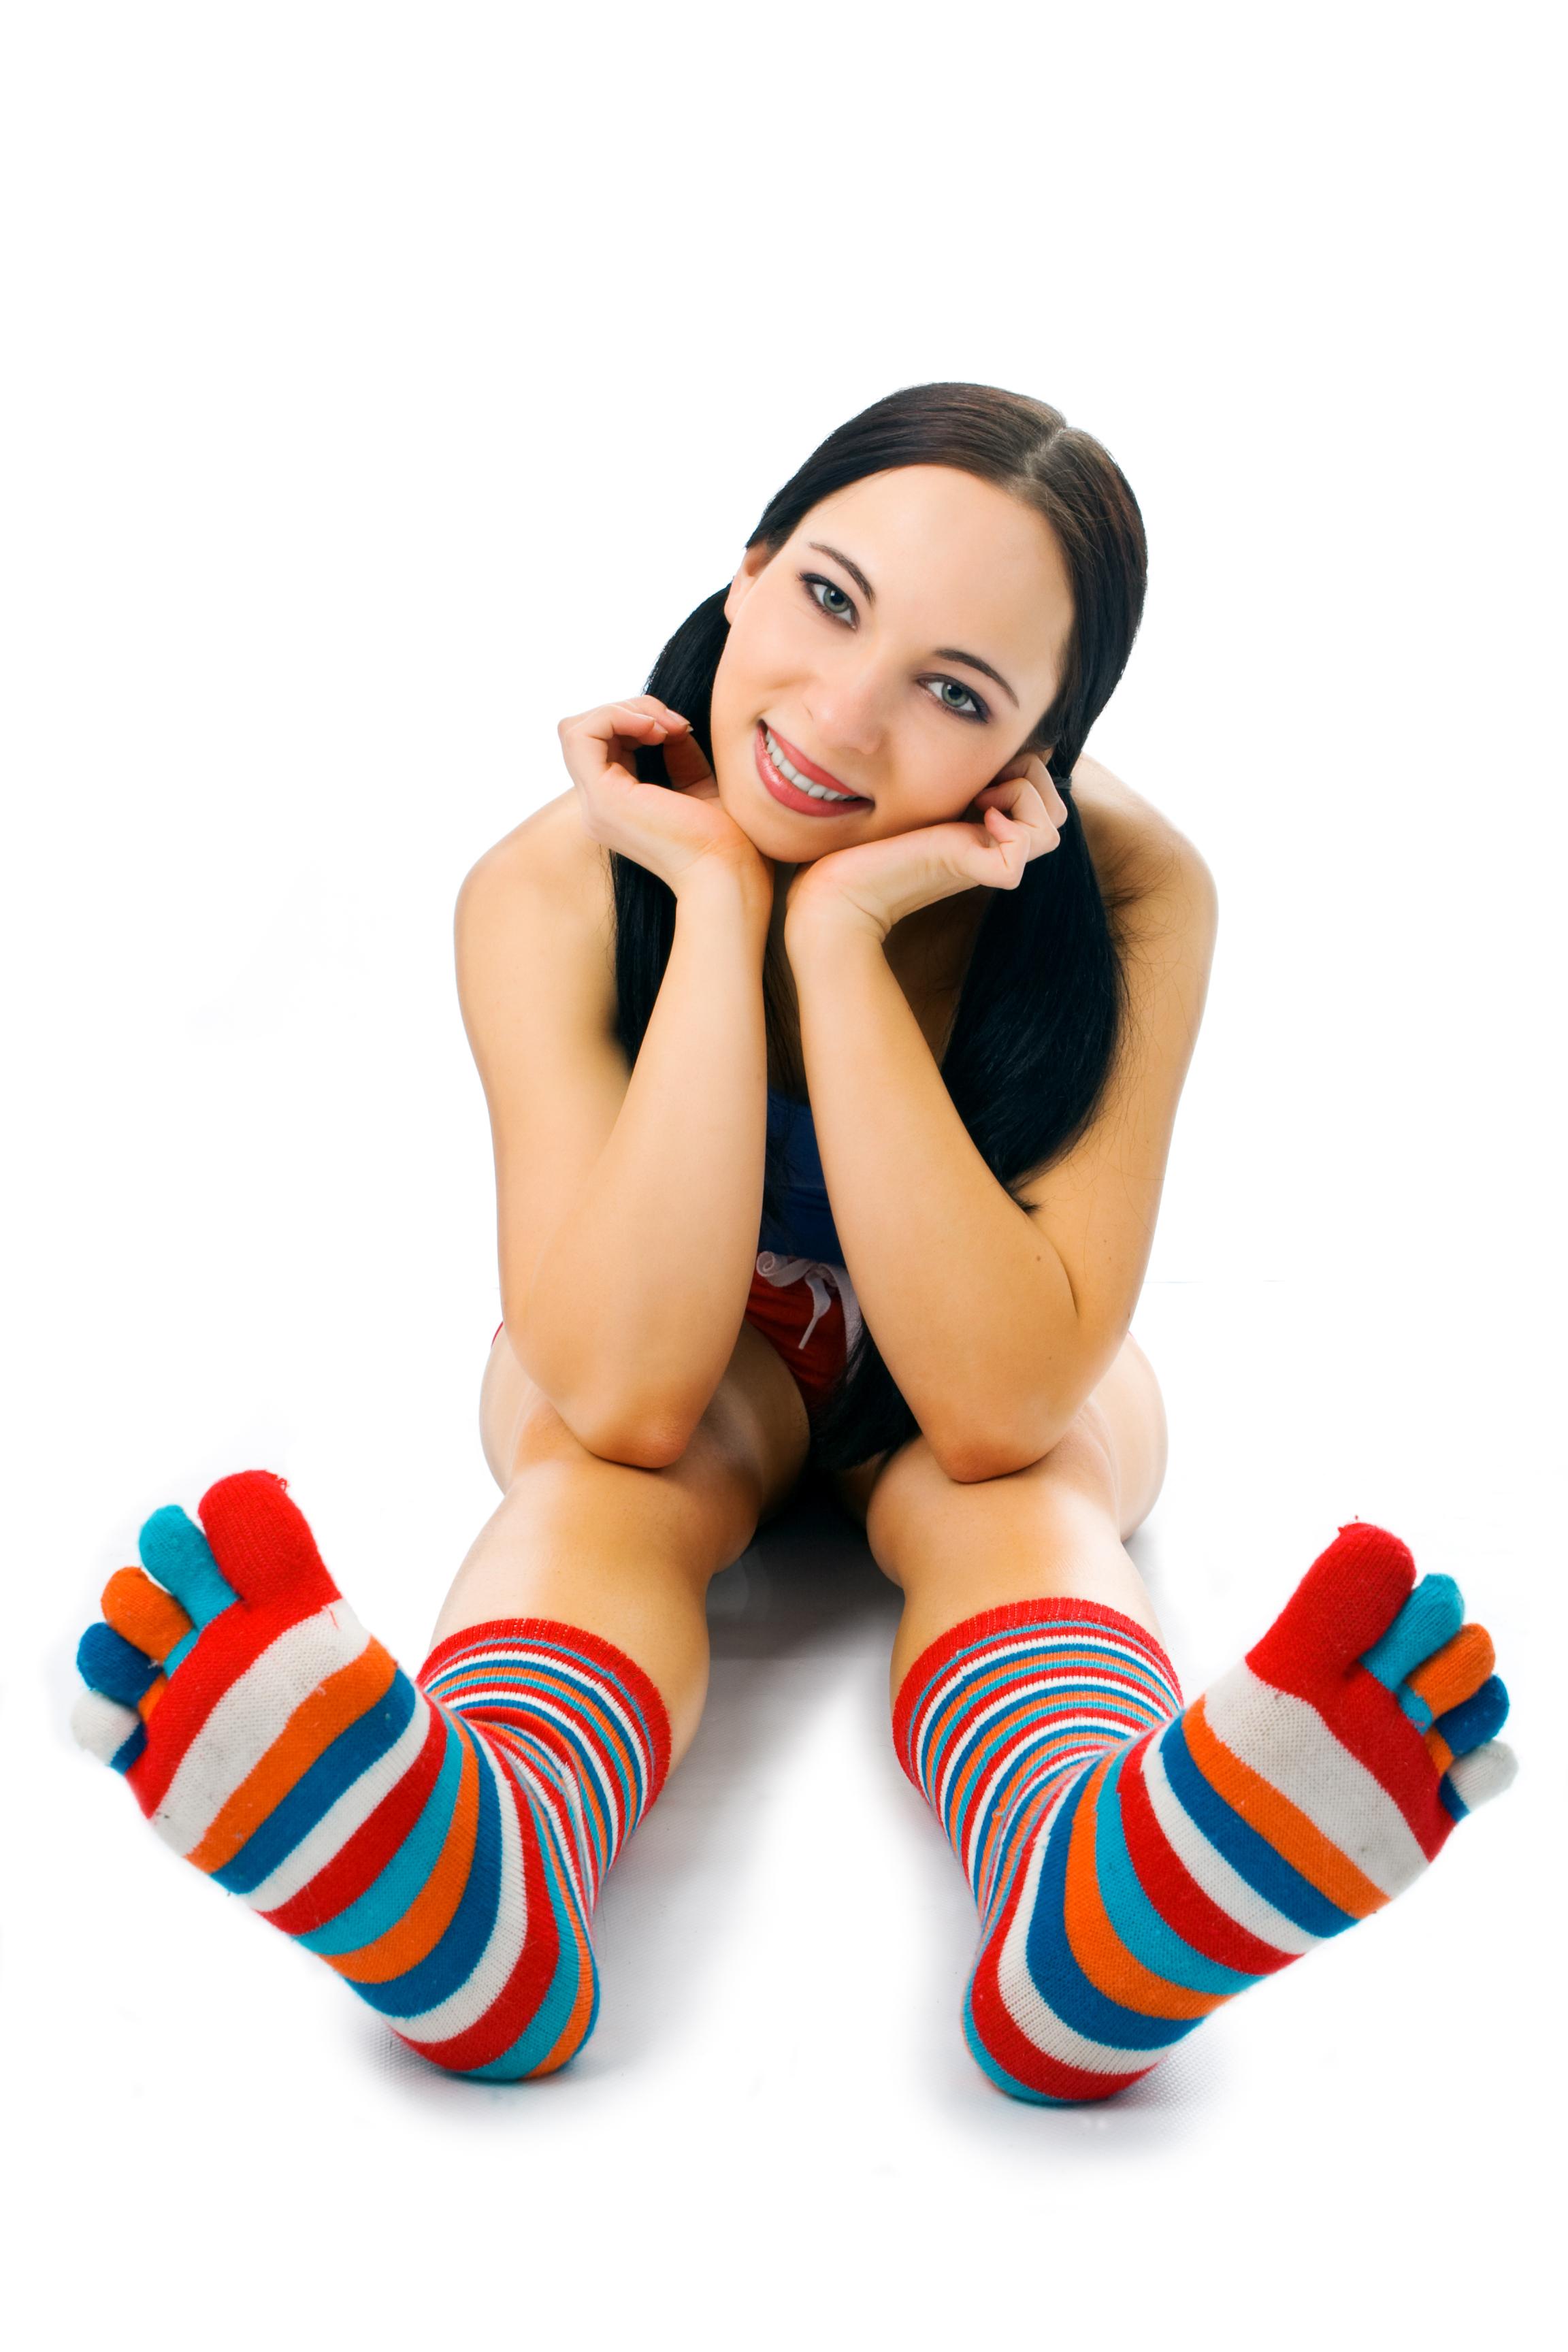 nude women in toe socks